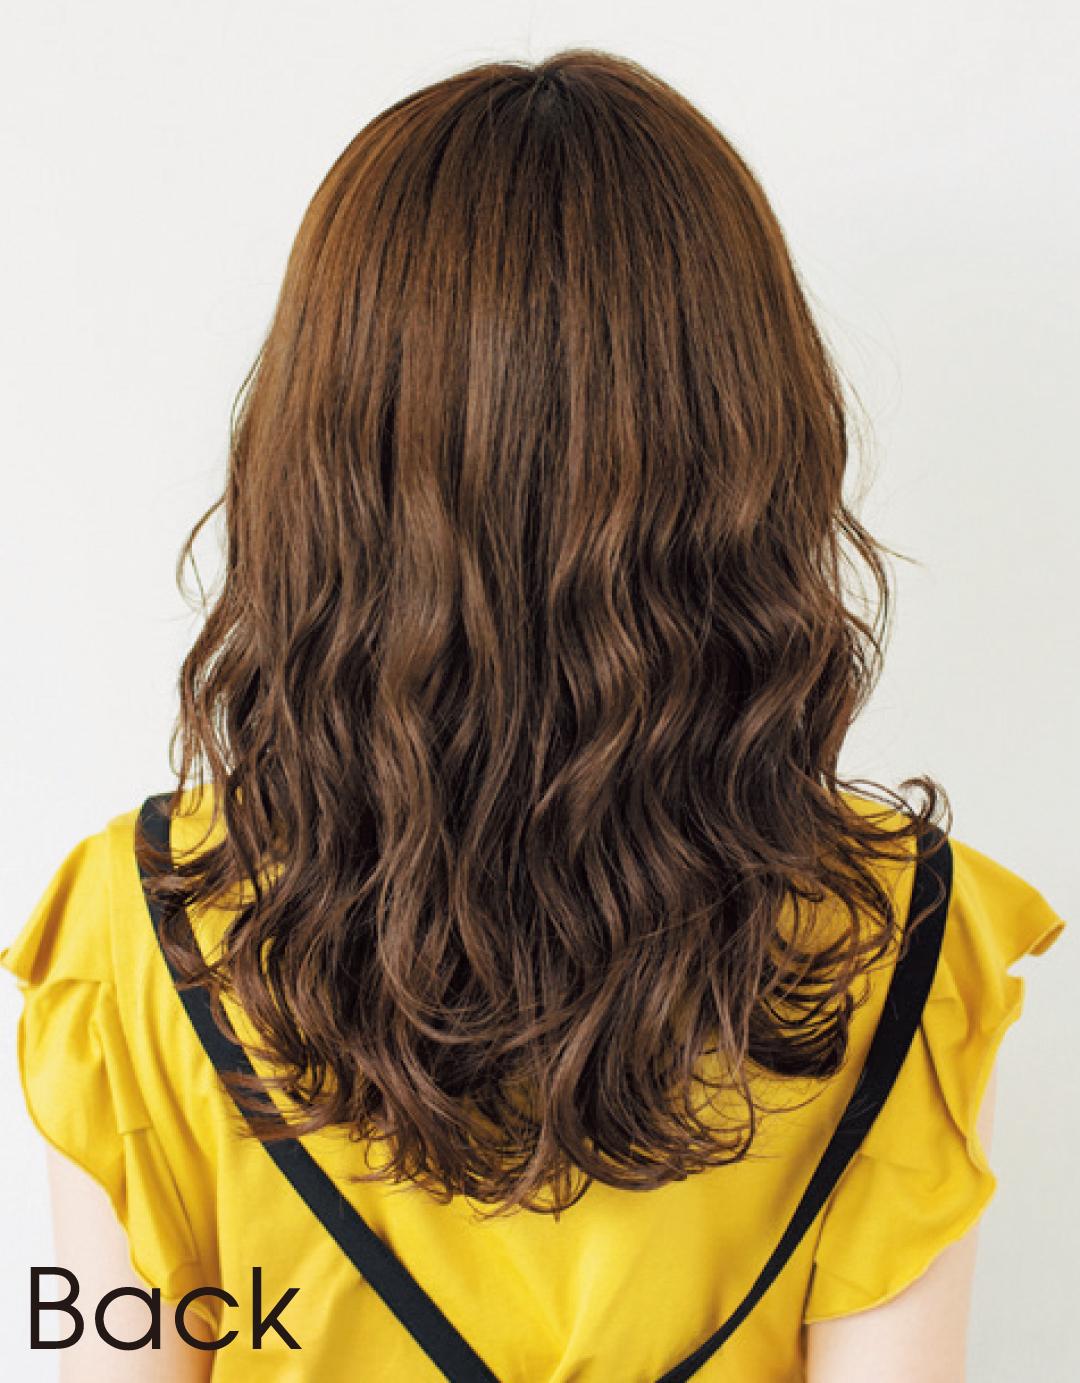 ぺたんこ髪でも、髪が多くてもOK! 石原さとみさん風ミディヘア見本帳_1_4-2